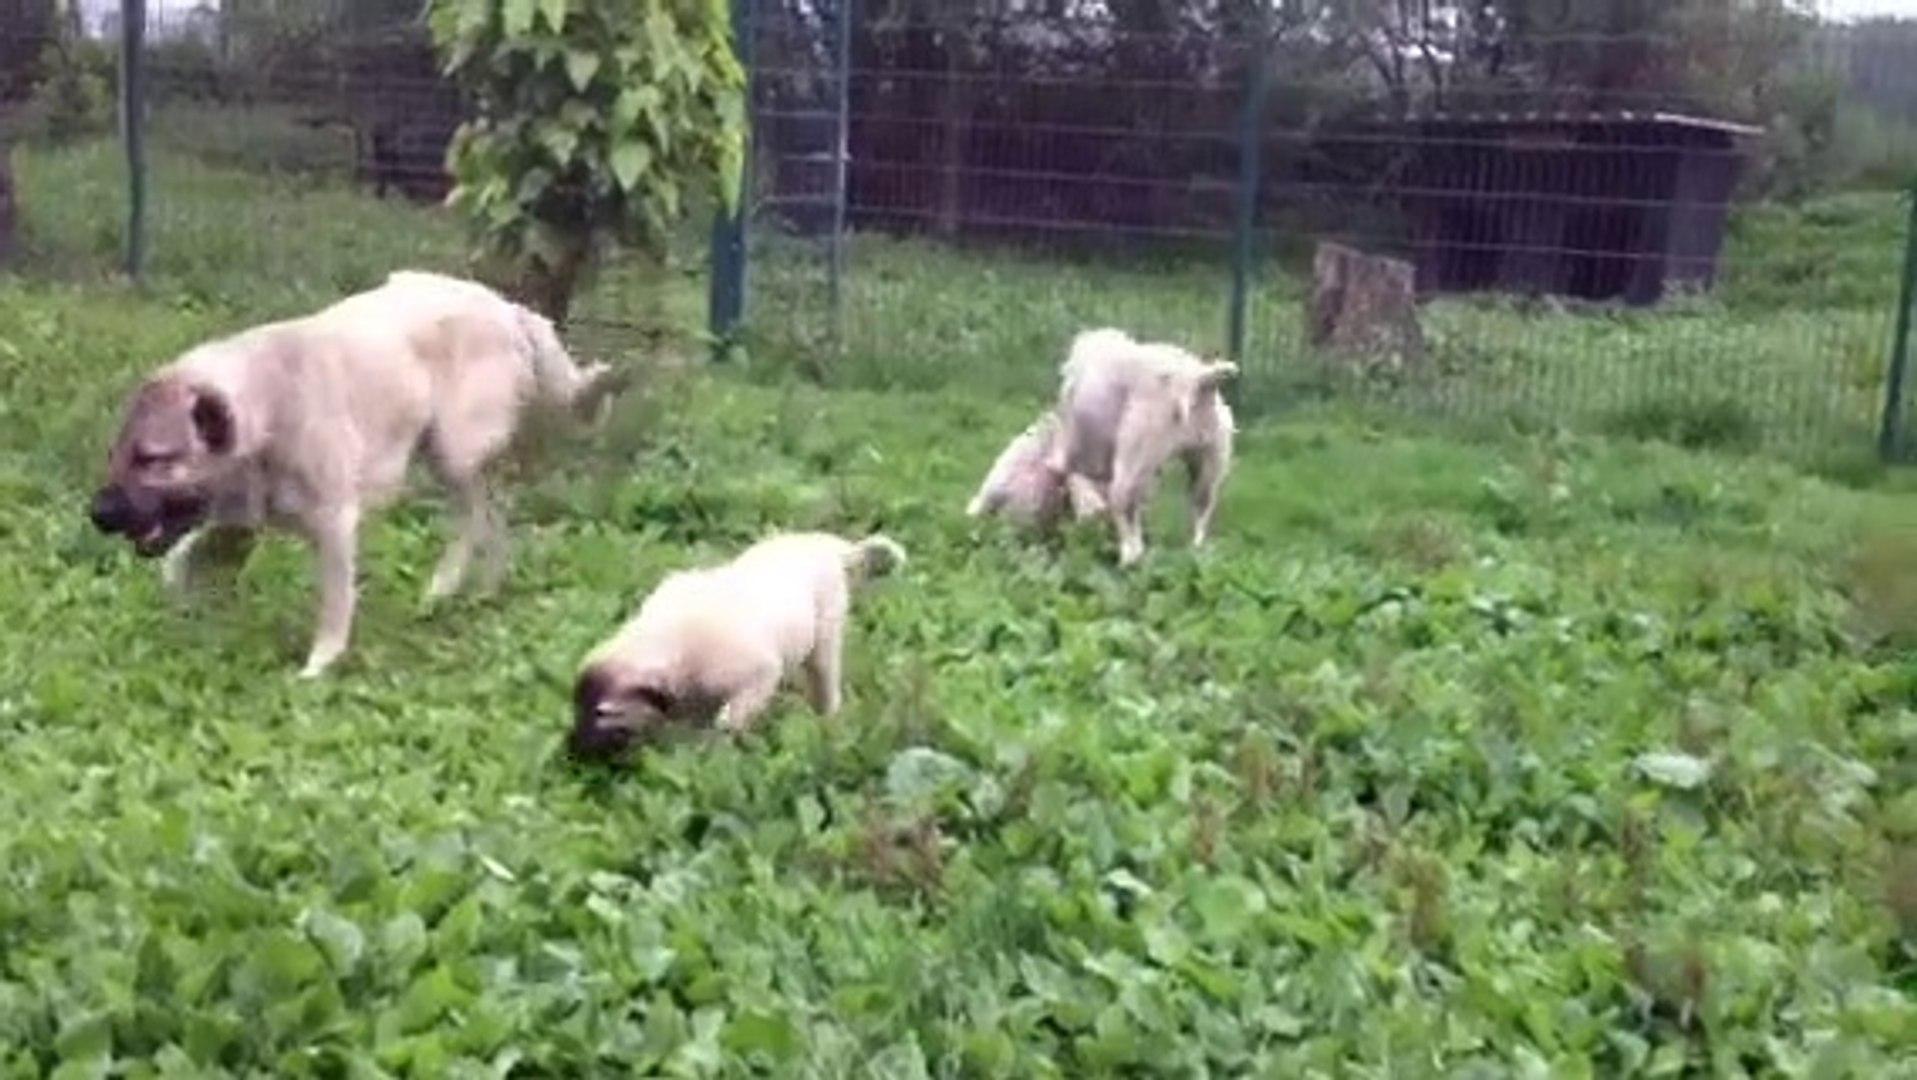 KANGAL COBAN KOPEGi YAVRULARI YEMYESiL BAHCEDE - KANGAL SHEPHERD DOG PUPPiES